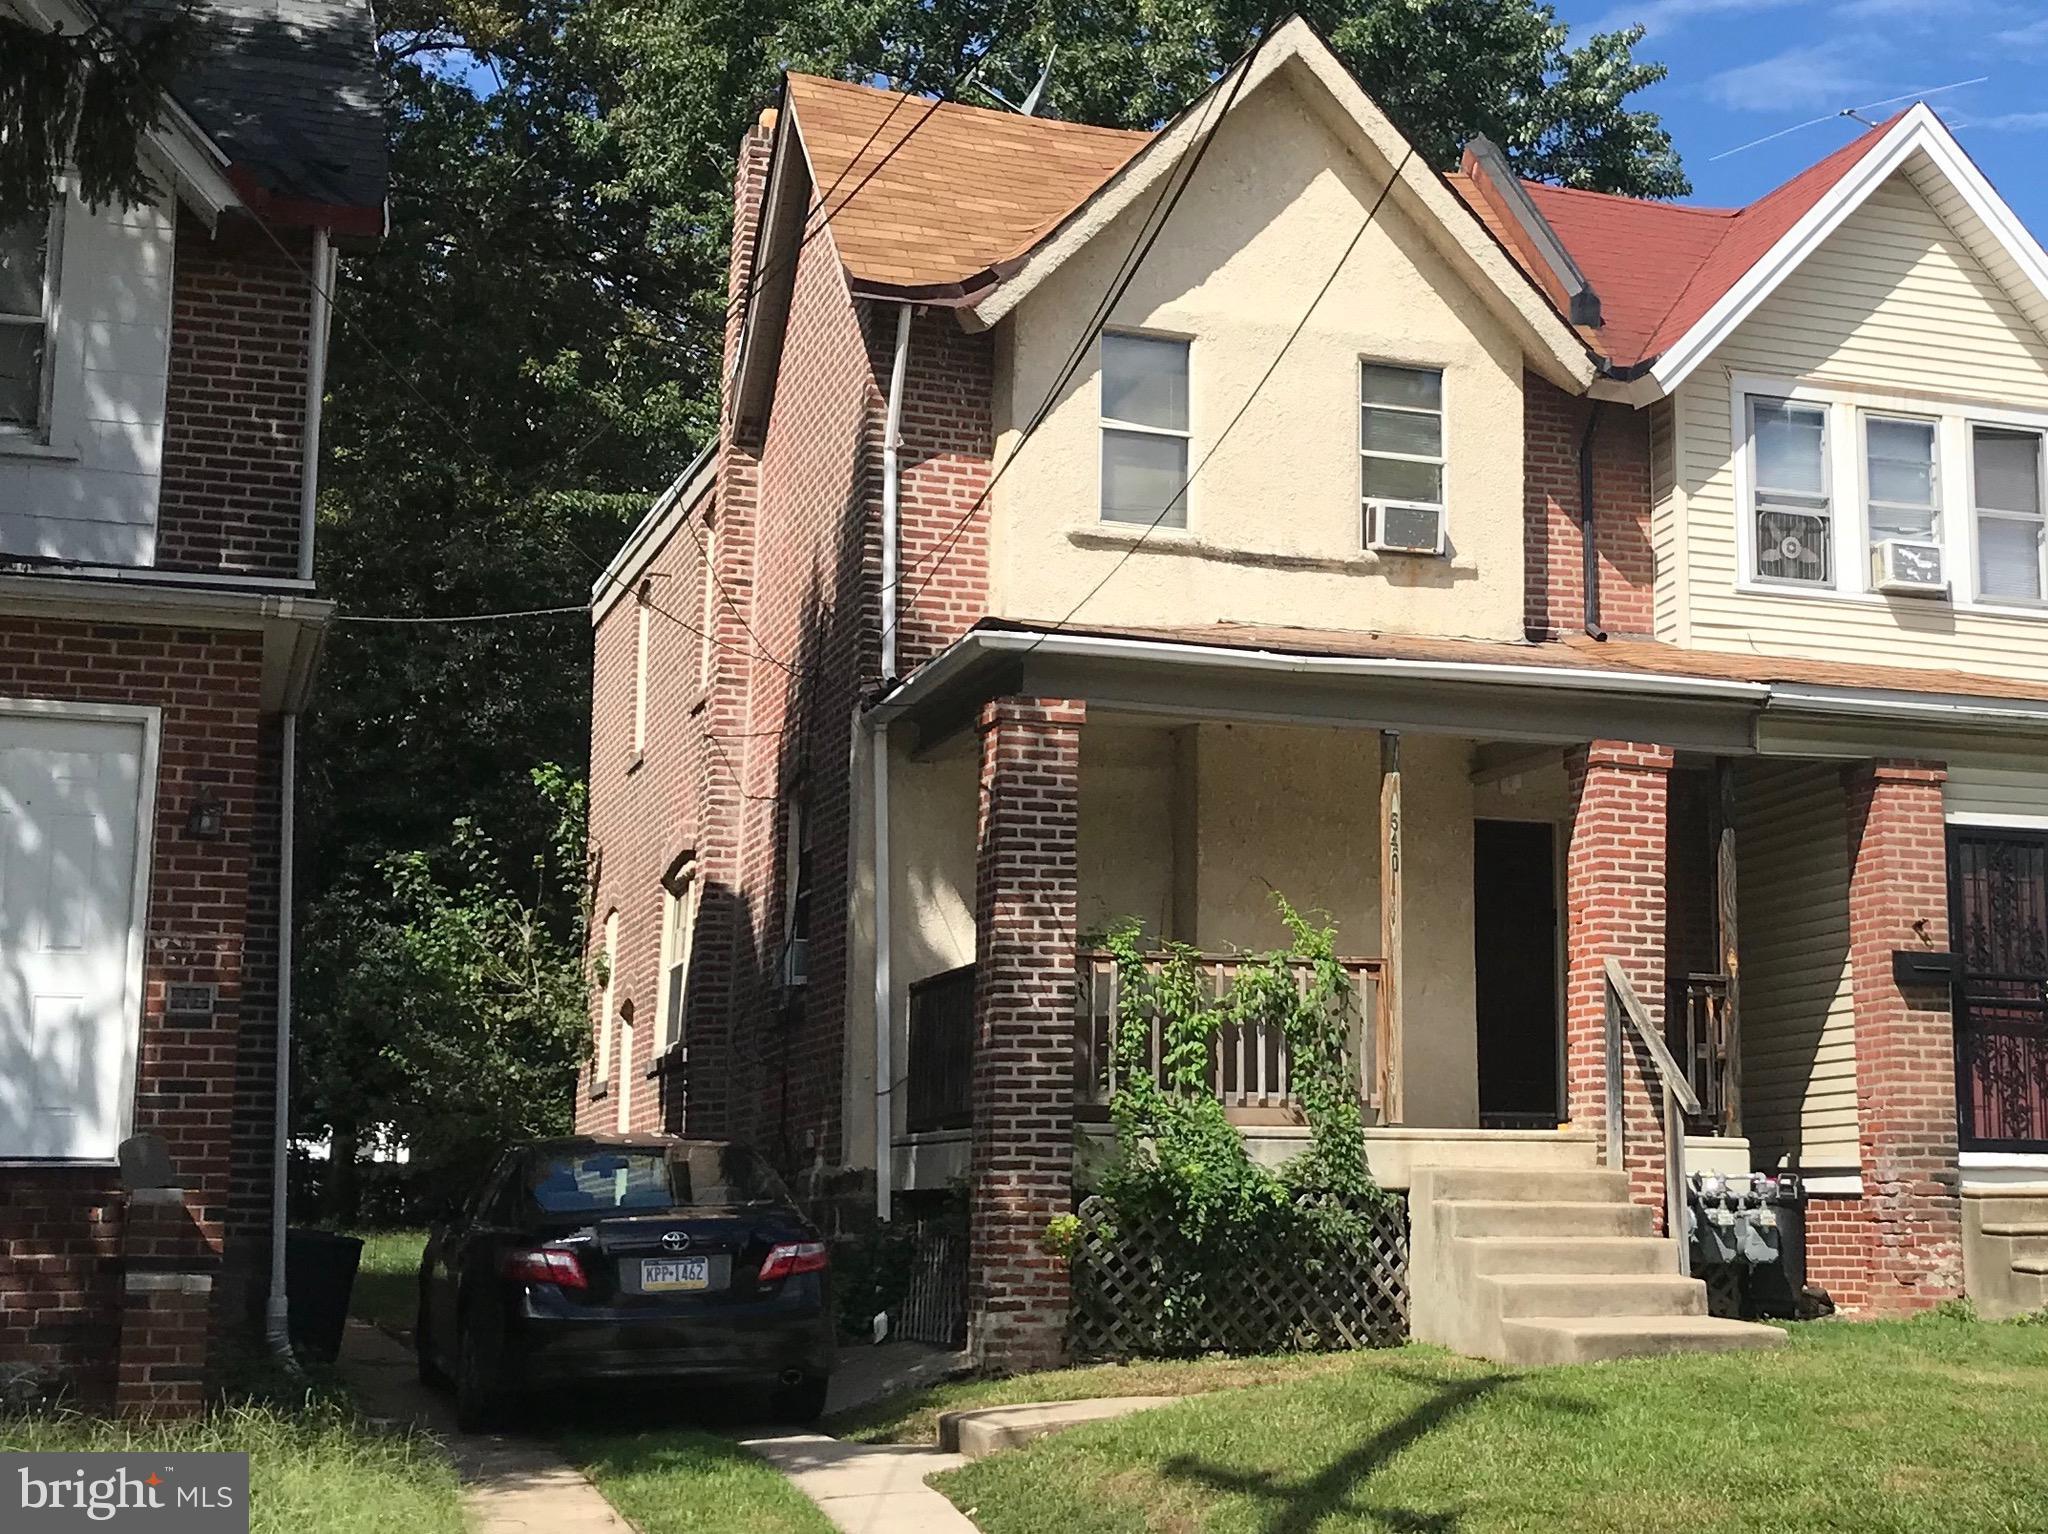 540 POPLAR STREET, SHARON HILL, PA 19079